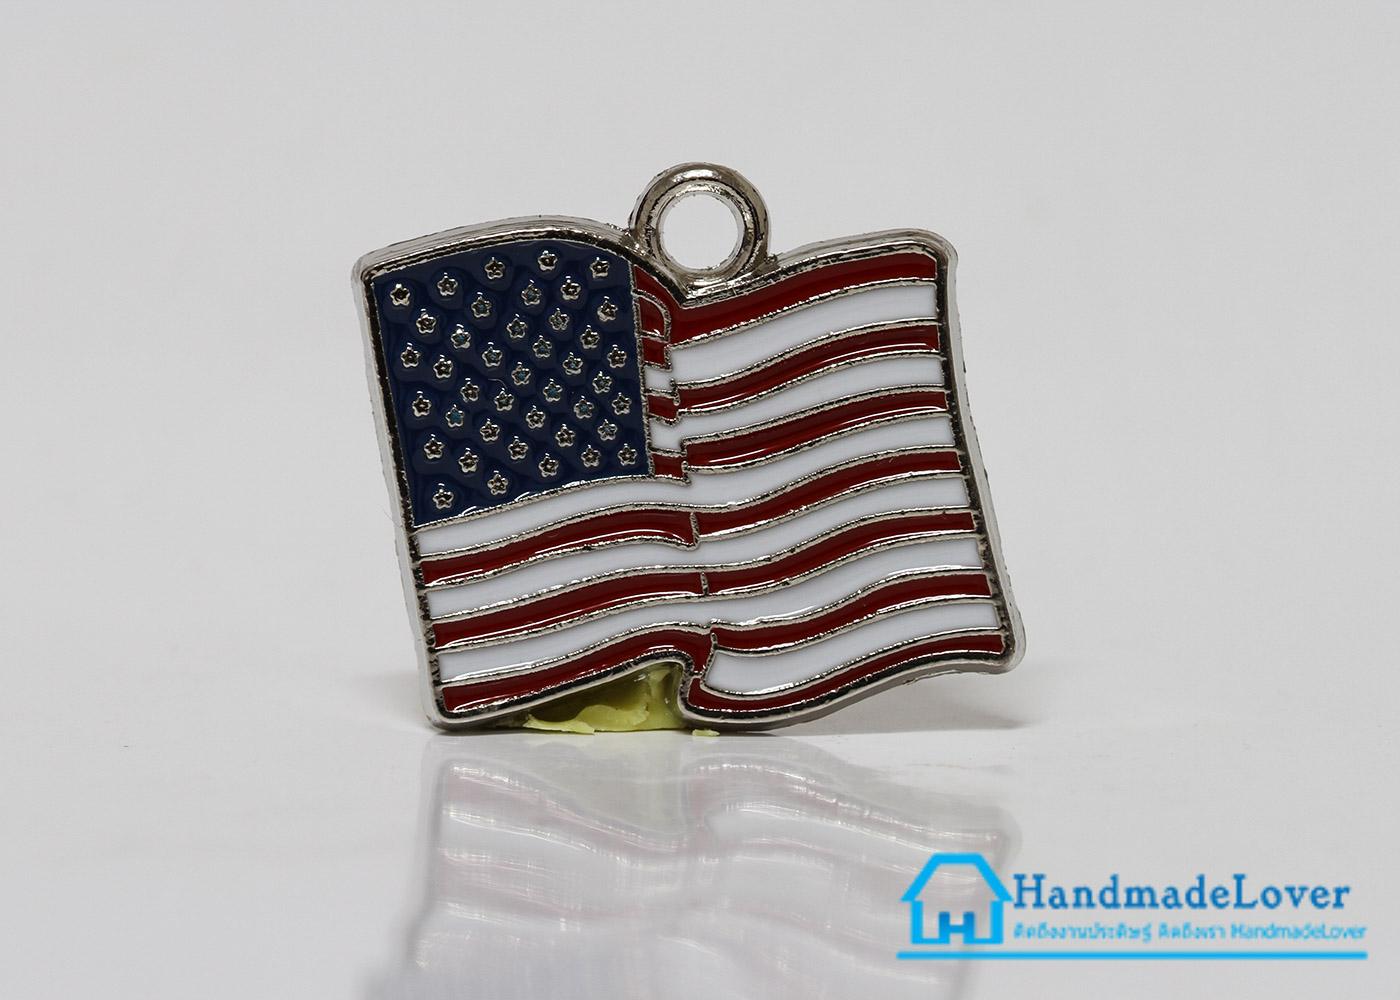 จี้อัลลอยด์ เคลือบสี รูปธงชาติอเมริกา